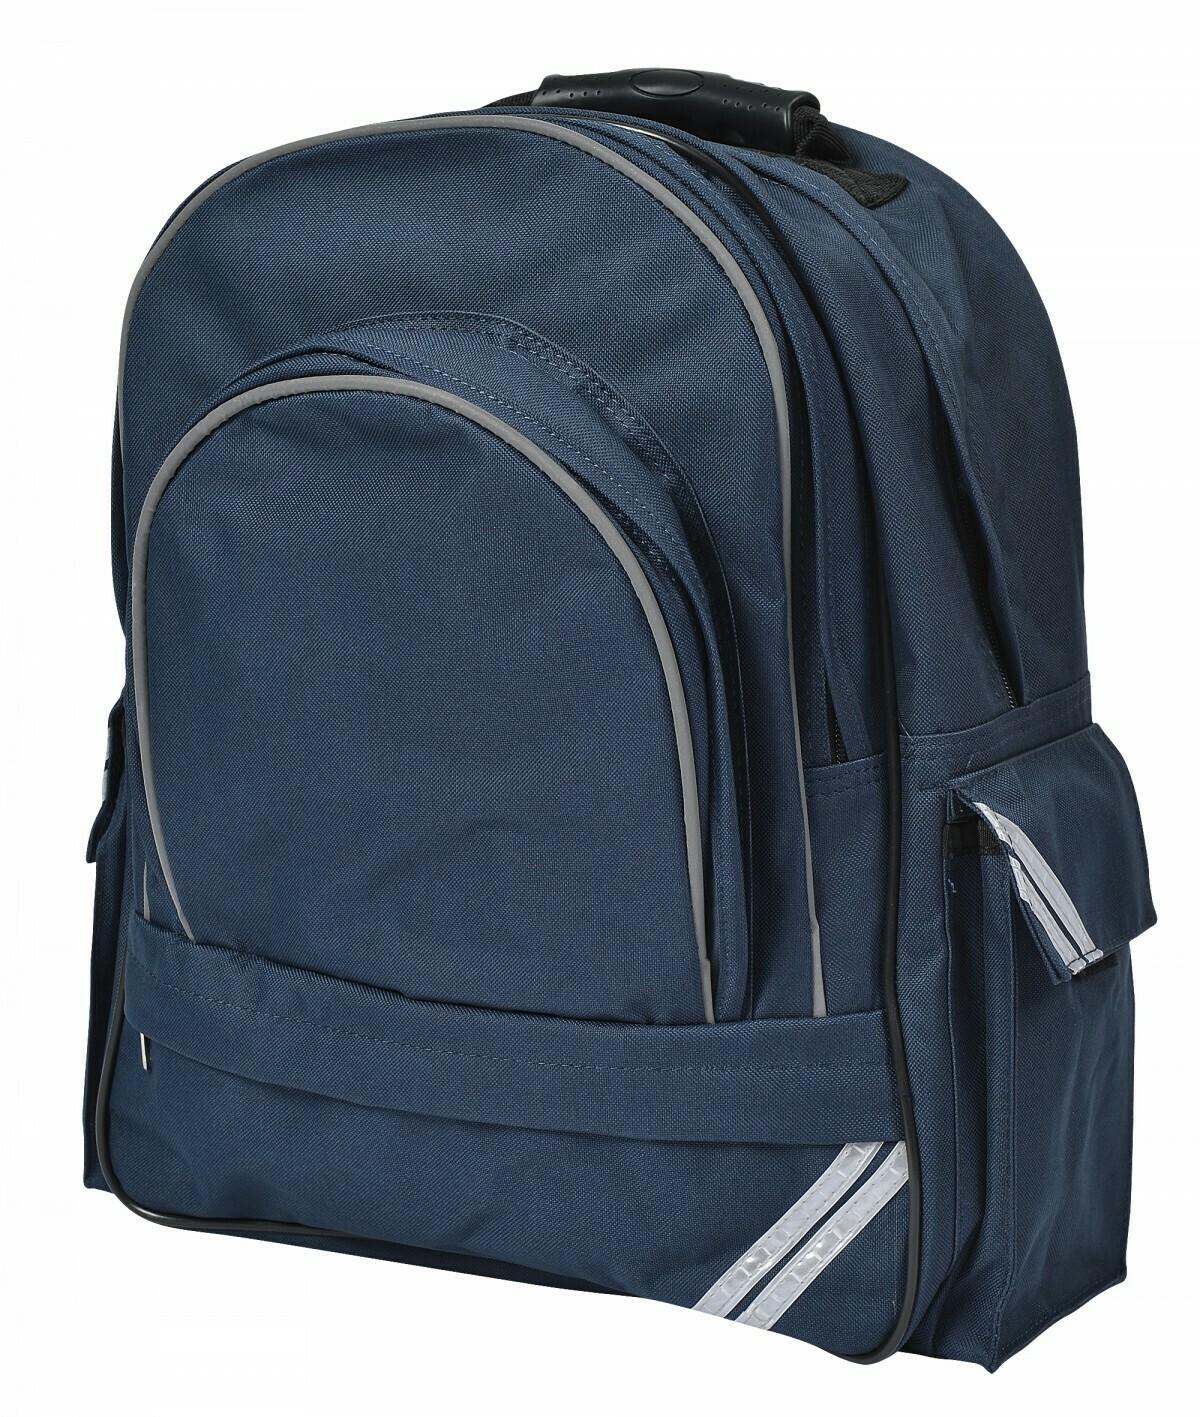 St Columba's School Backpack (J5-S6)